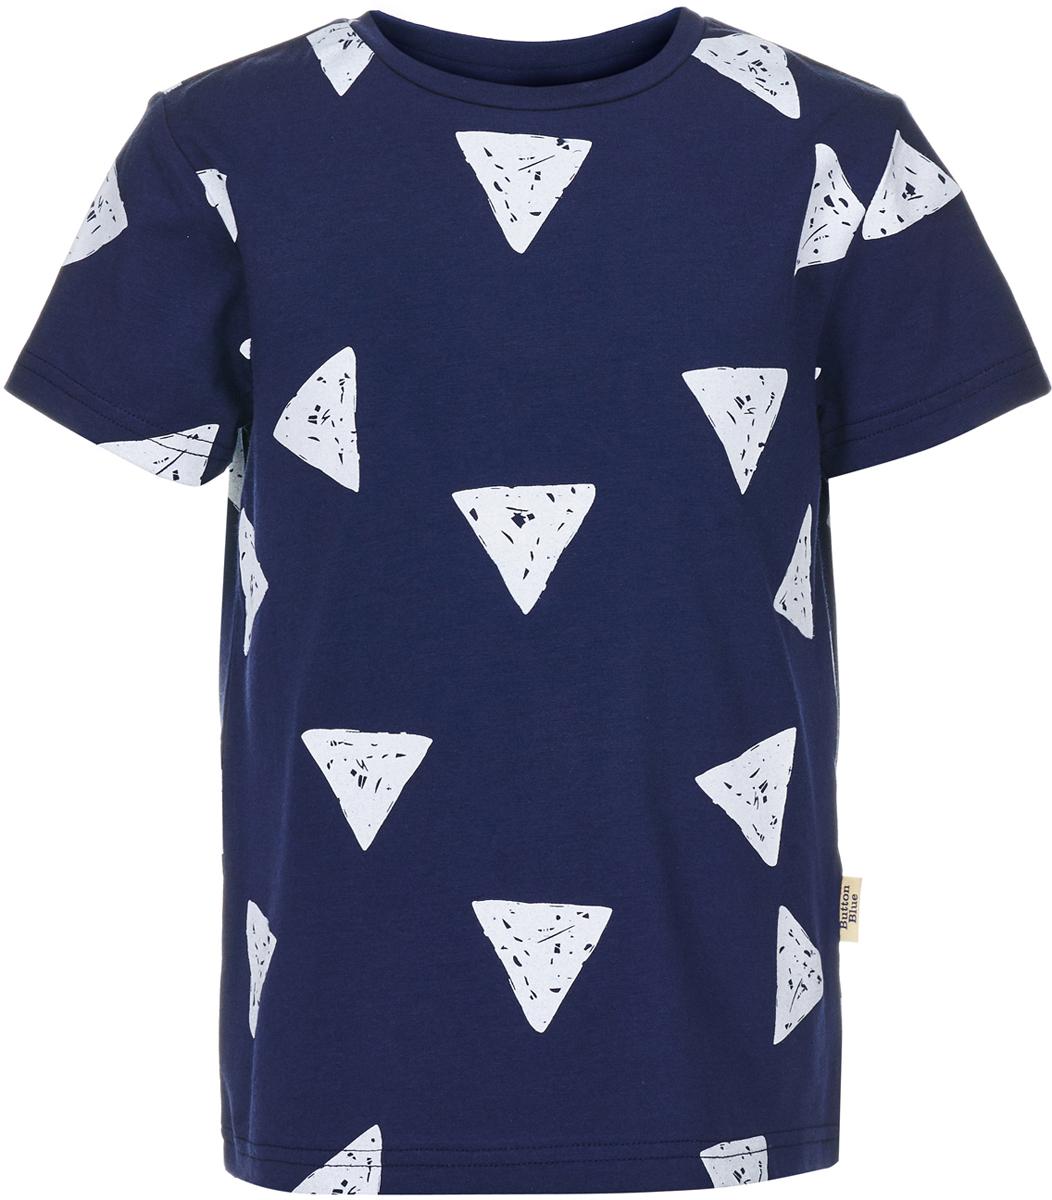 Футболка для мальчика Button Blue, цвет: темно-синий. 118BBBC12081009. Размер 140118BBBC12081009Чтобы порадовать юного модника, ему можно купить футболку для мальчика от Button Blue, украшенную оригинальным орнаментом из треугольников. Трикотажная футболка с коротким рукавом станет отличной основой многих летних образов. Она изготовлена из мягкой легкой ткани - джерси, которая дарит только комфорт и приятные ощущения.